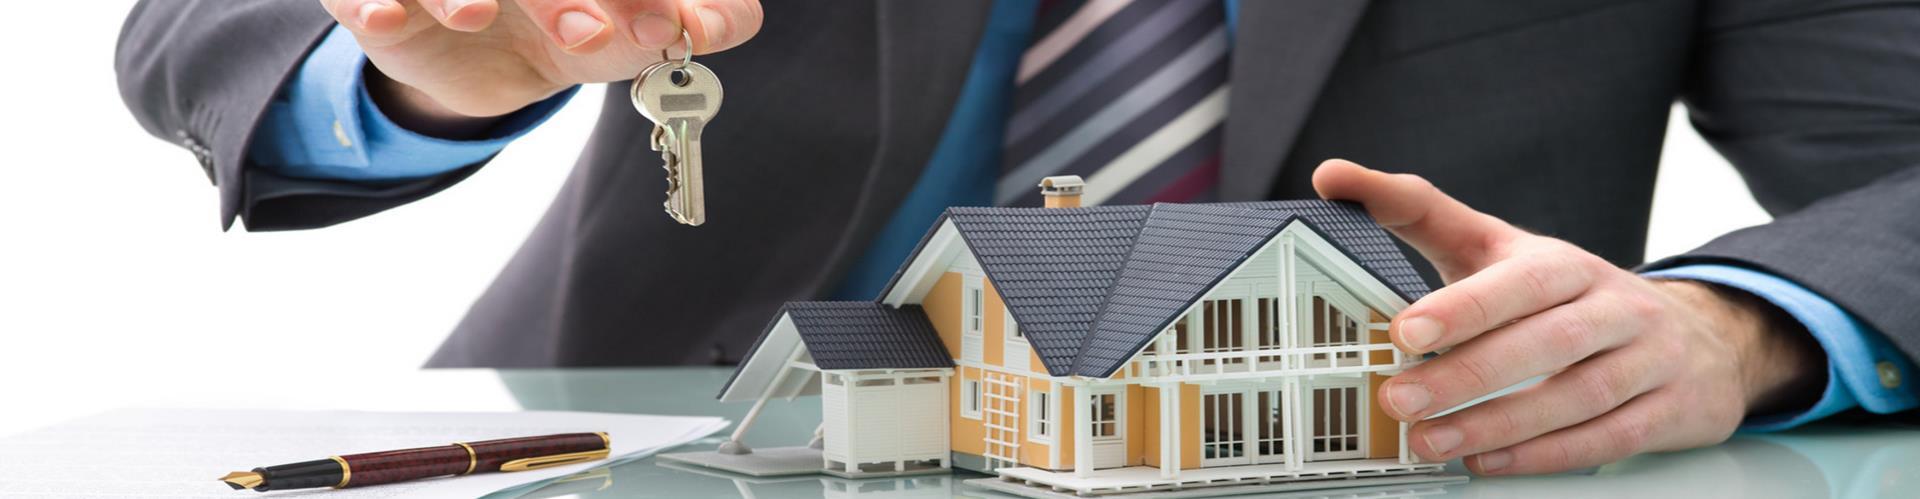 Agenzia immobiliare Caprarola